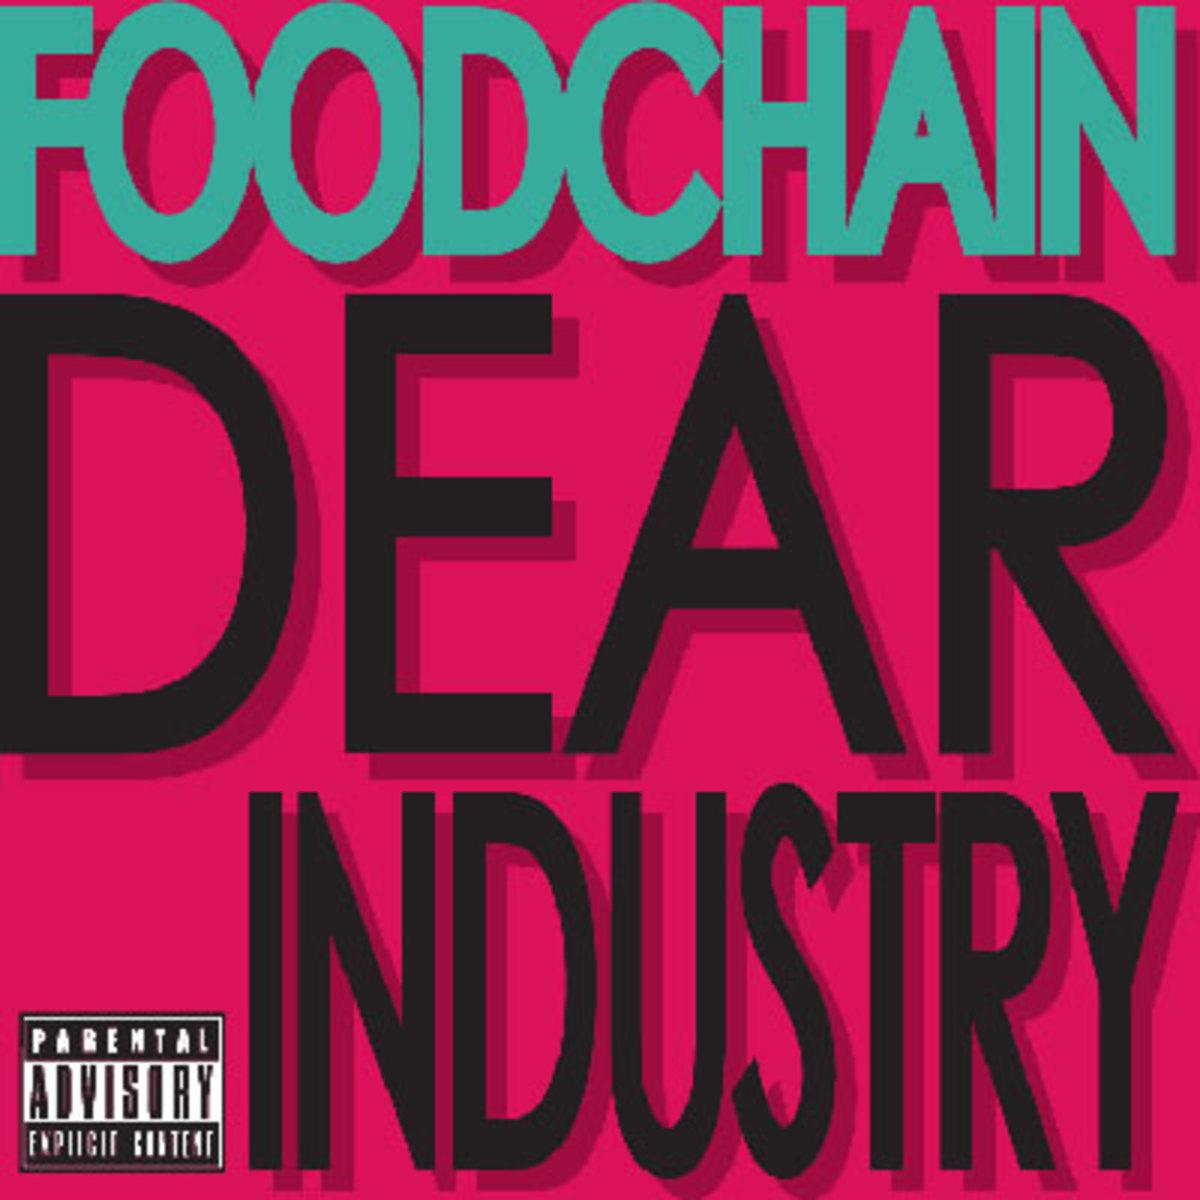 foodchain-dearindustry.jpg